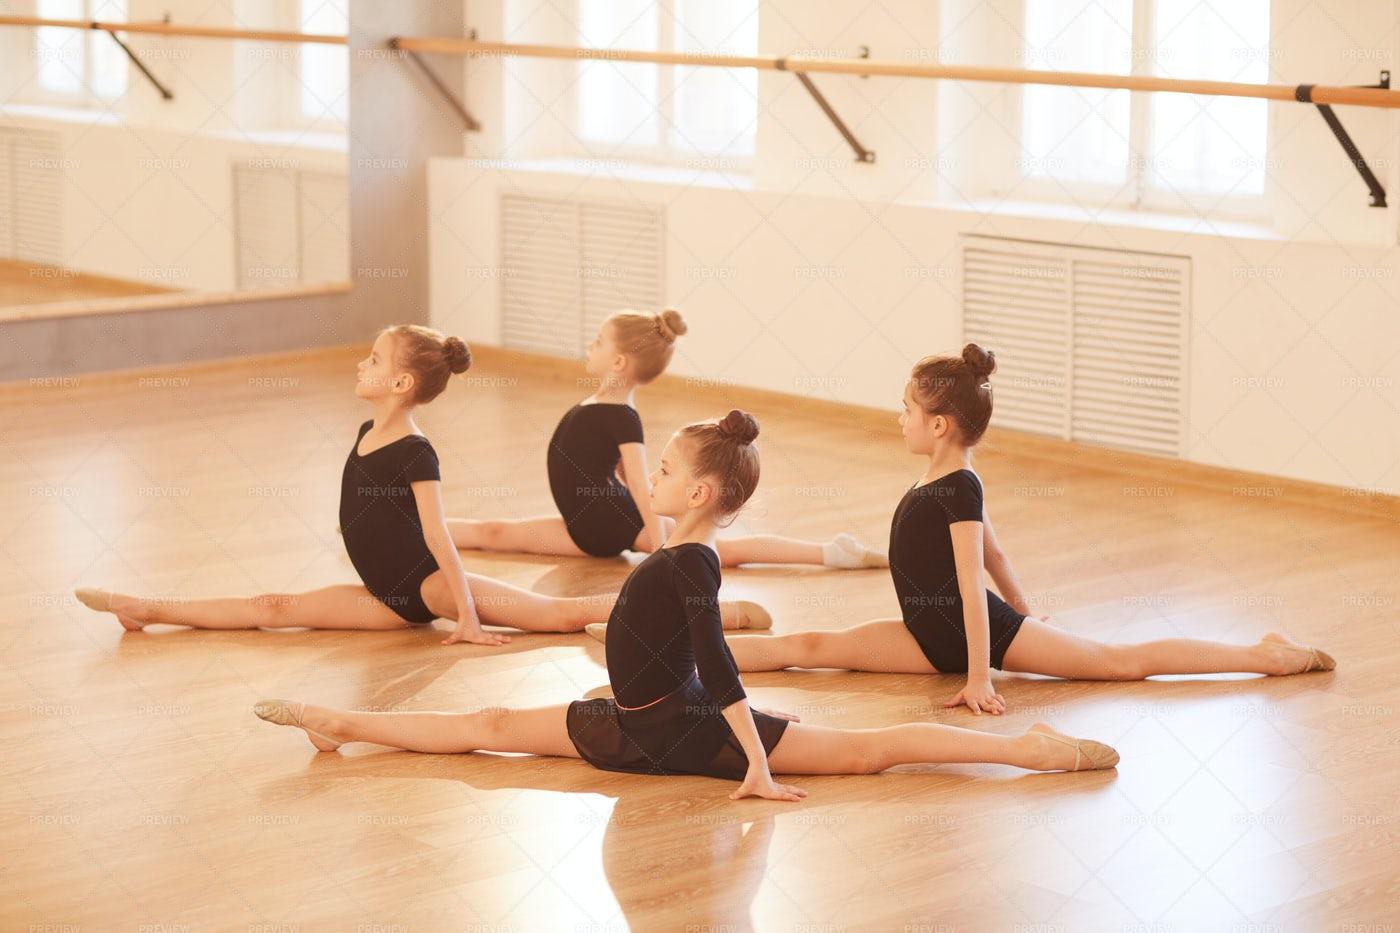 Group Of Girls Doing Splits: Stock Photos